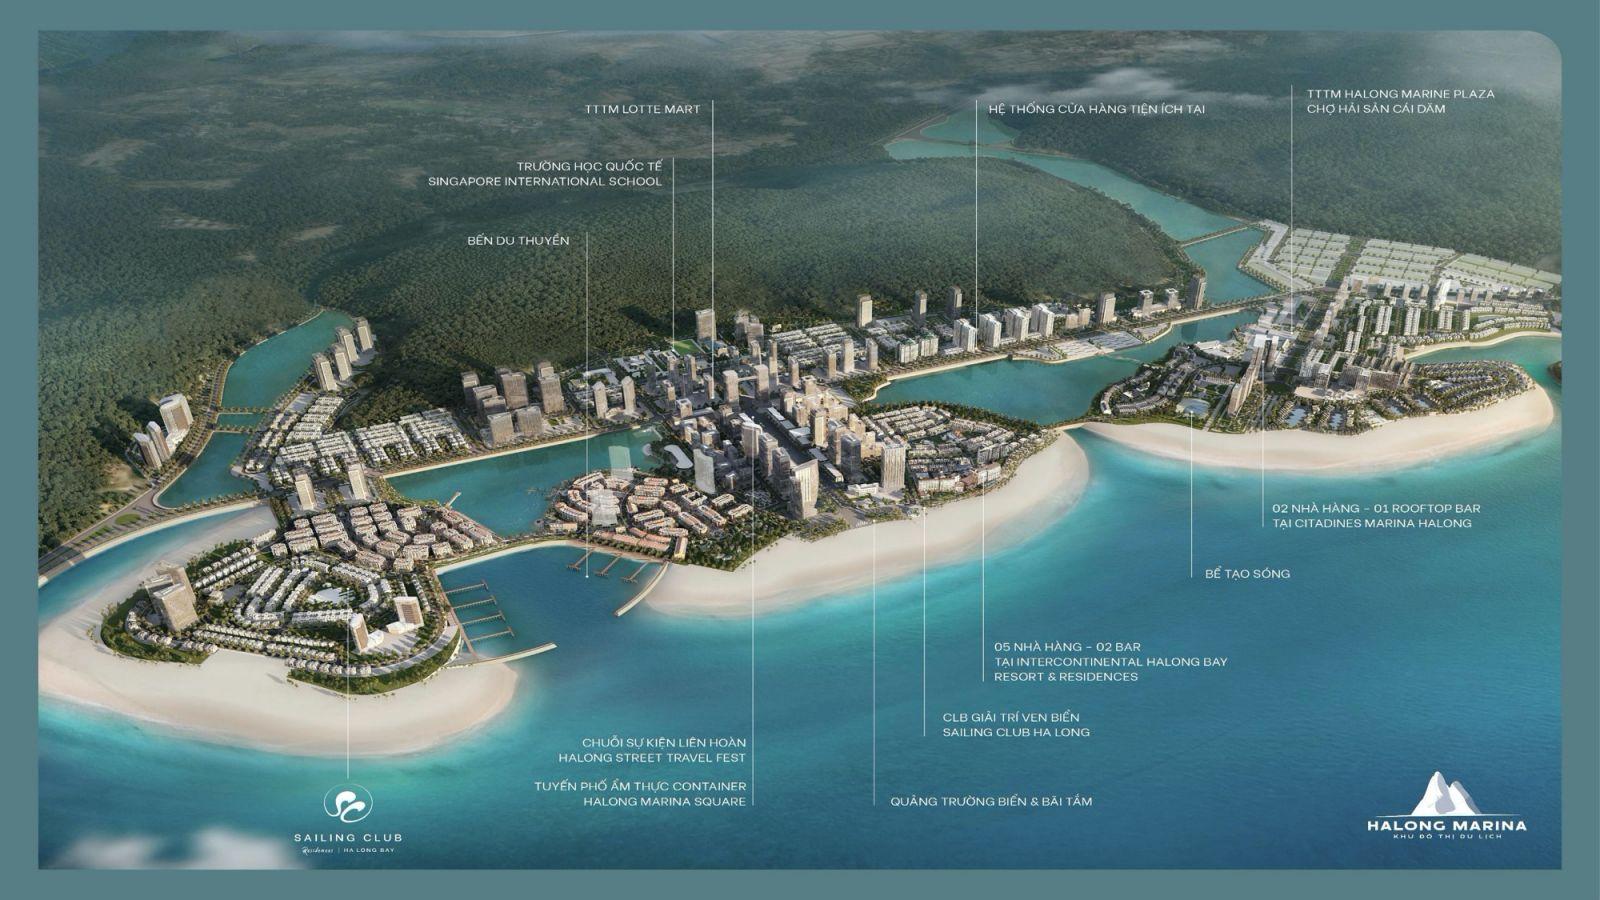 Vị trí dự án Sailing Club Residences Ha Long Bay